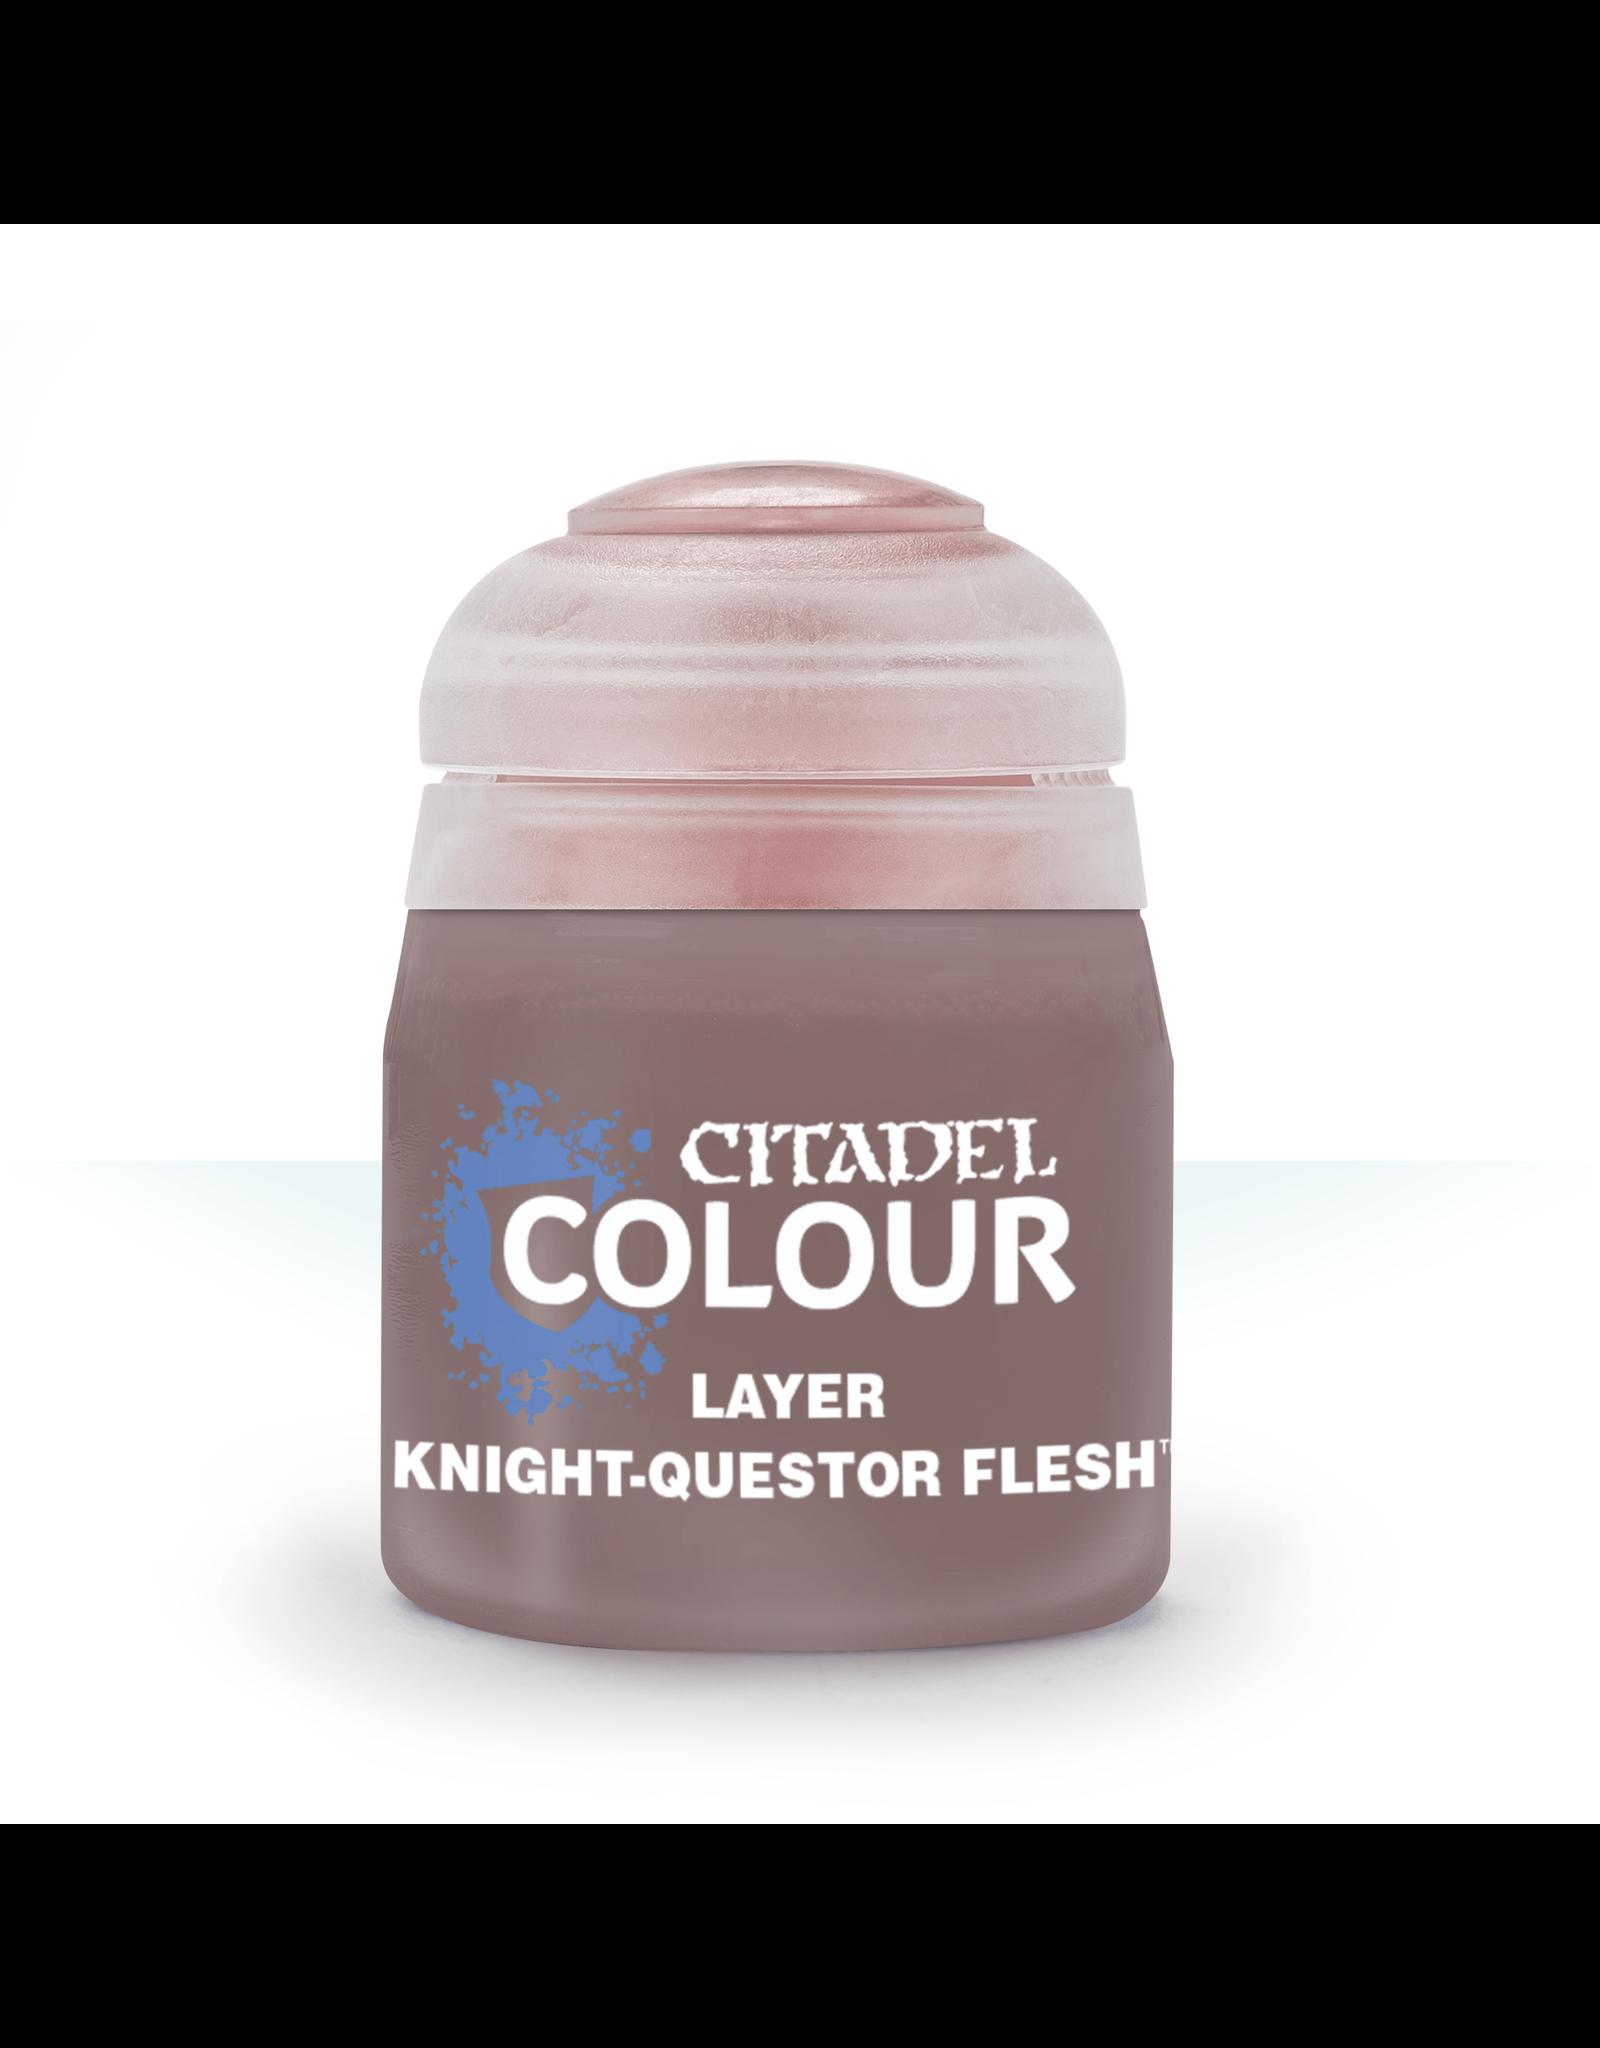 Citadel Knight-Questor Flesh